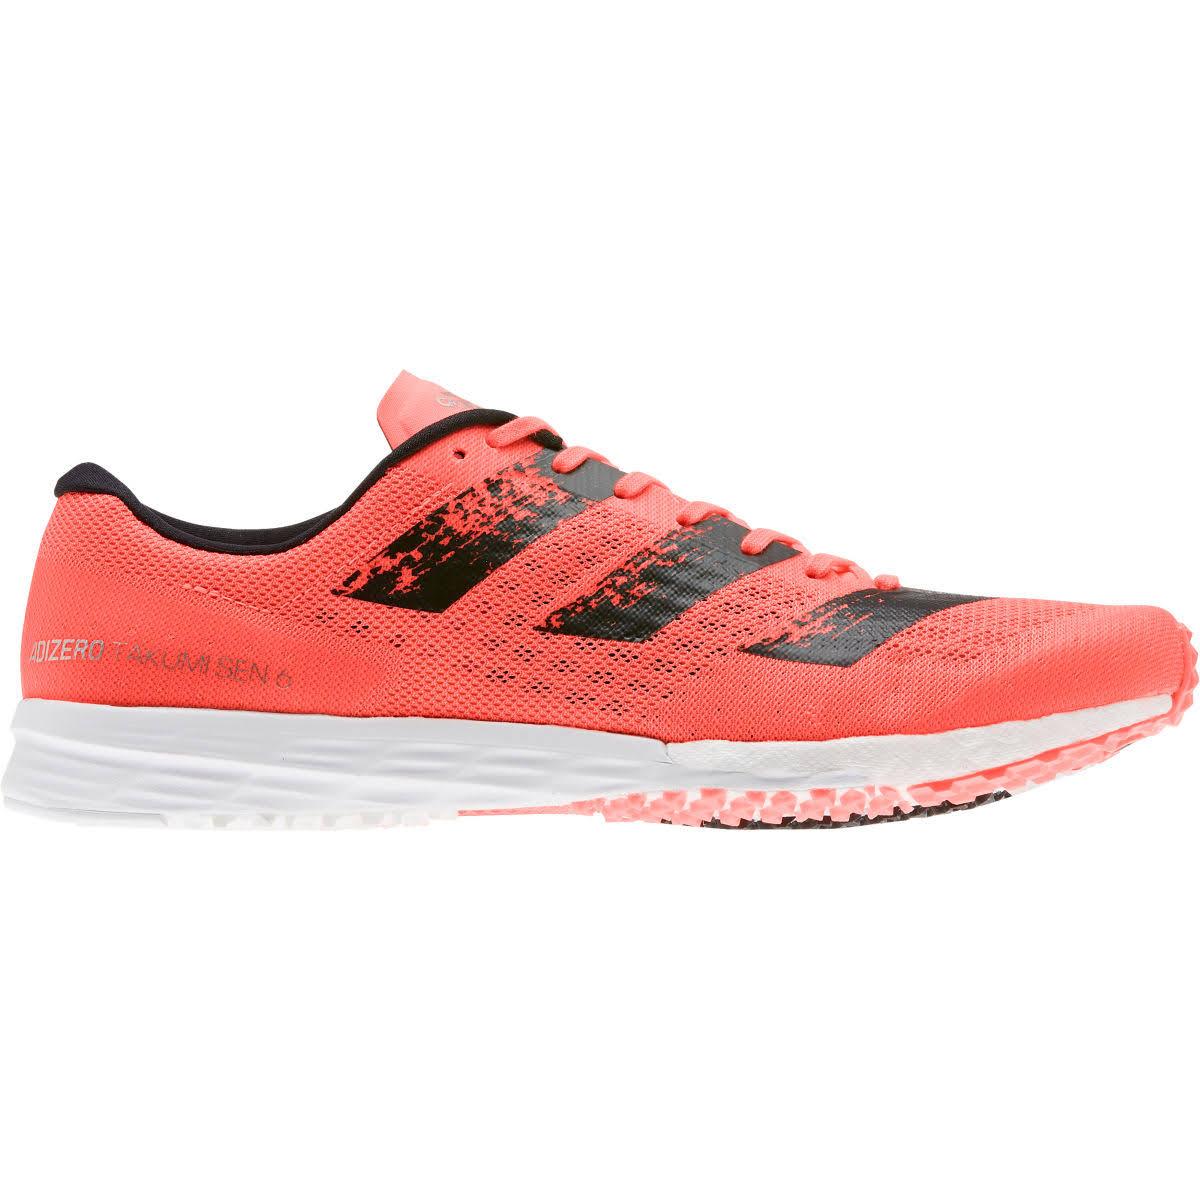 Adidas Adizero Takumi Sen 6 Shoes Running - Men